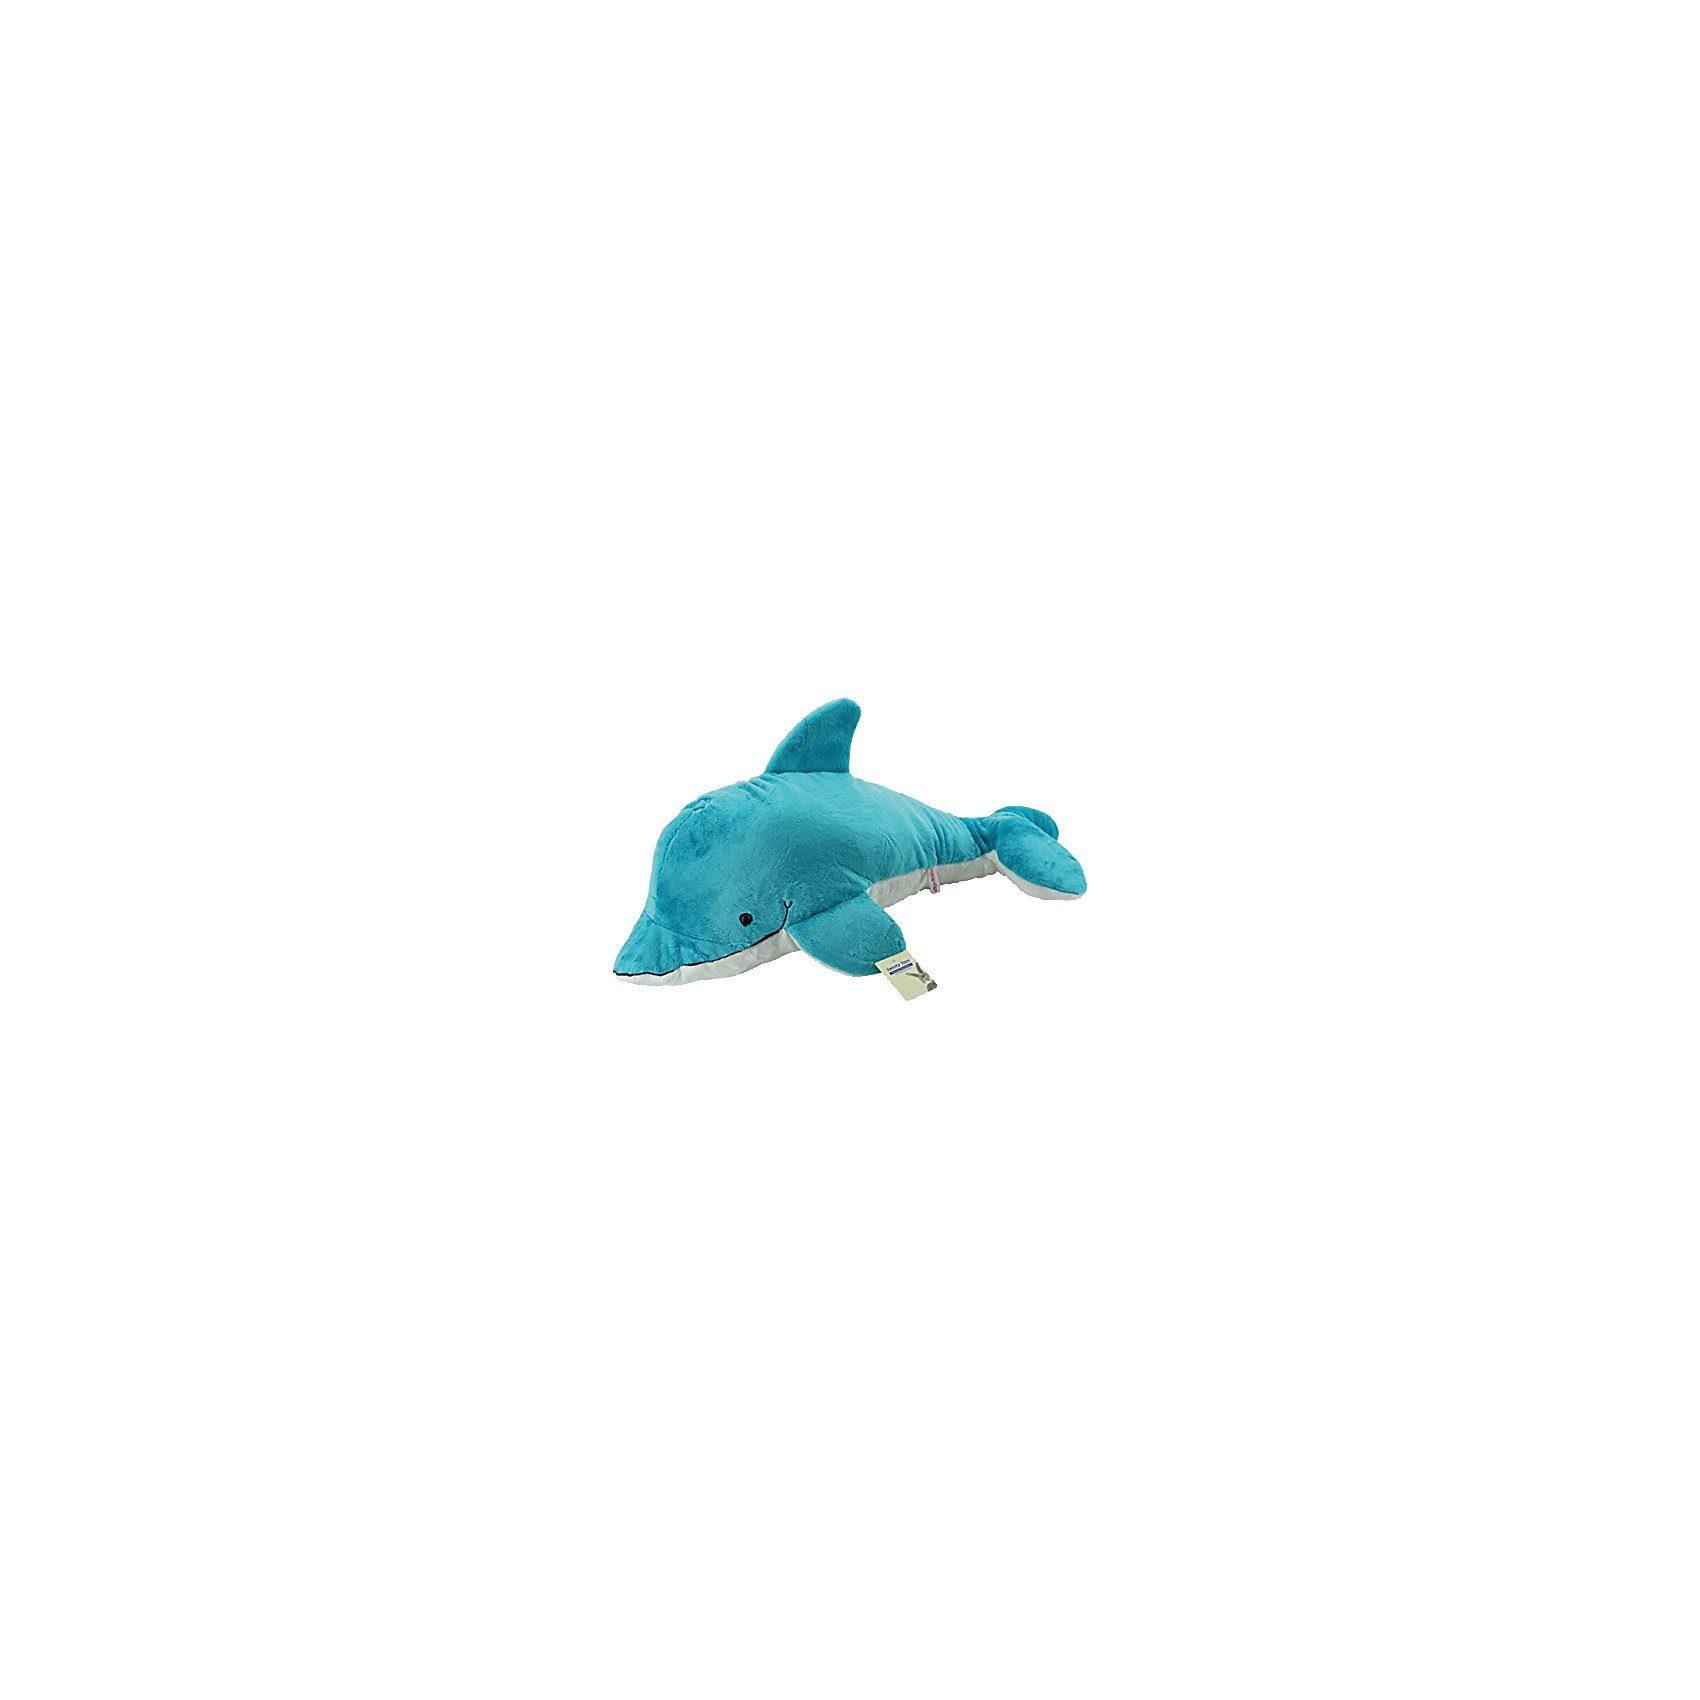 Sweety-Toys Sweety Toys 7851 XXL Riesen Delfin türkis, 75 cm